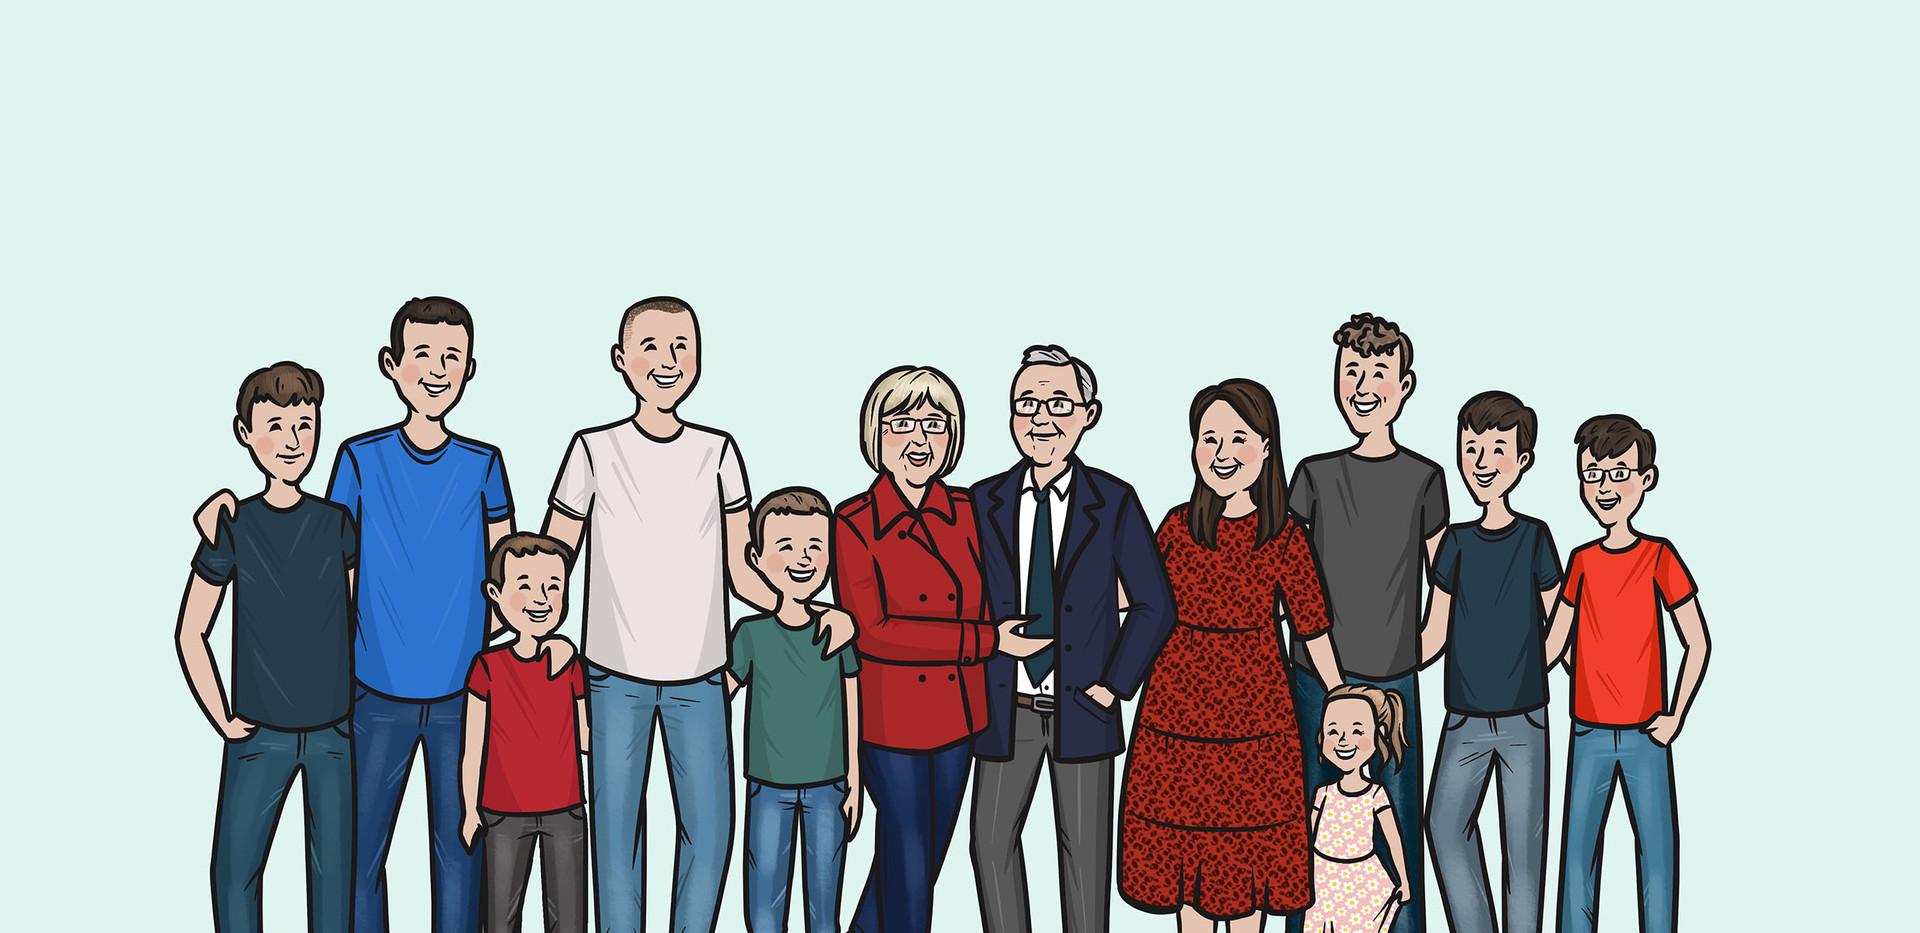 large family portrait.jpg